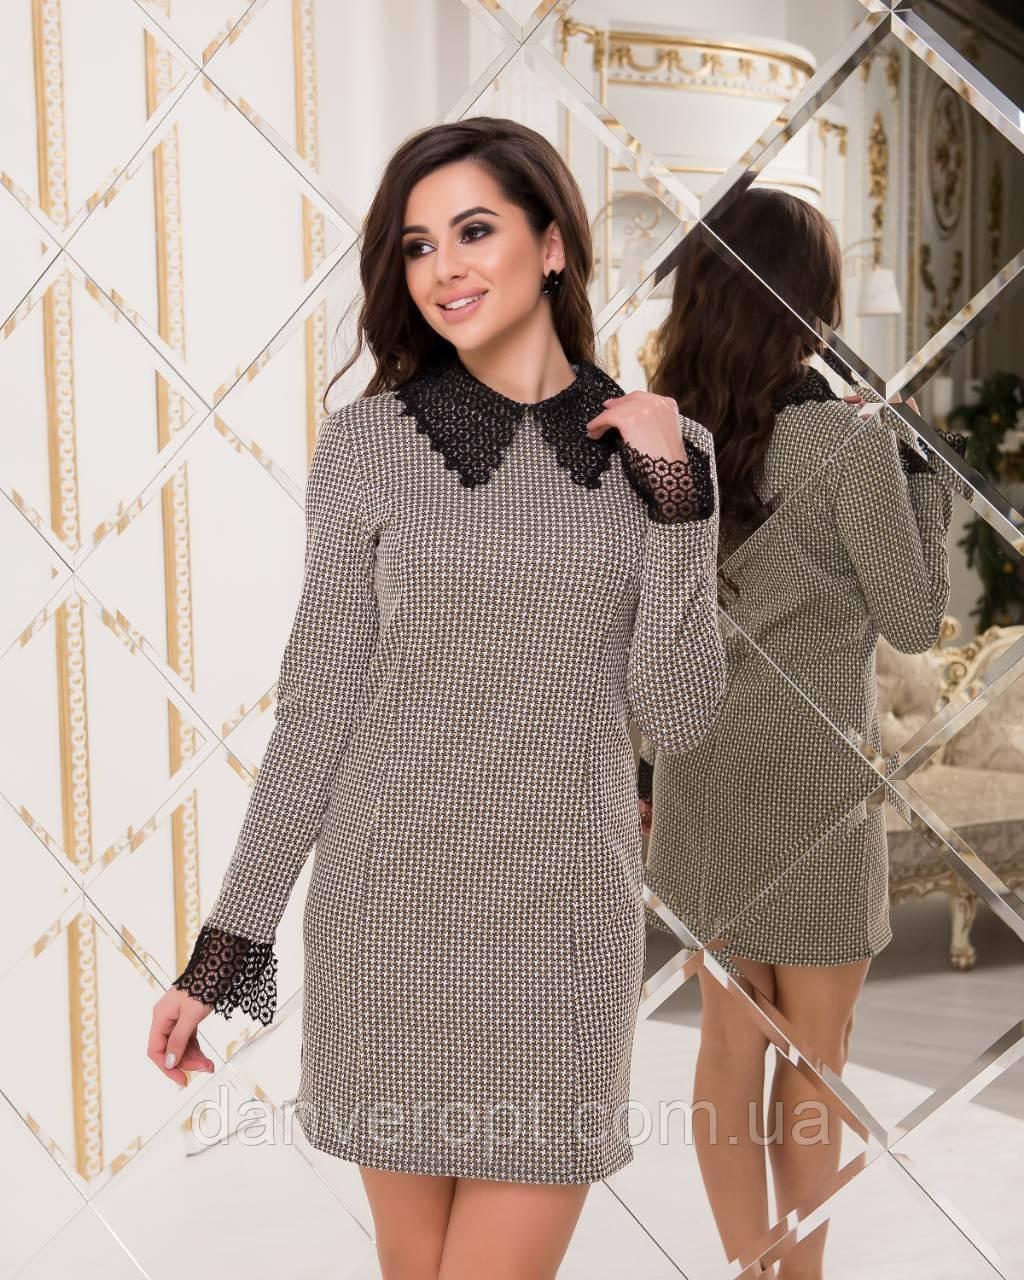 Платье женское модное стильное размер 40-46 купить оптом со склада 7км Одесса